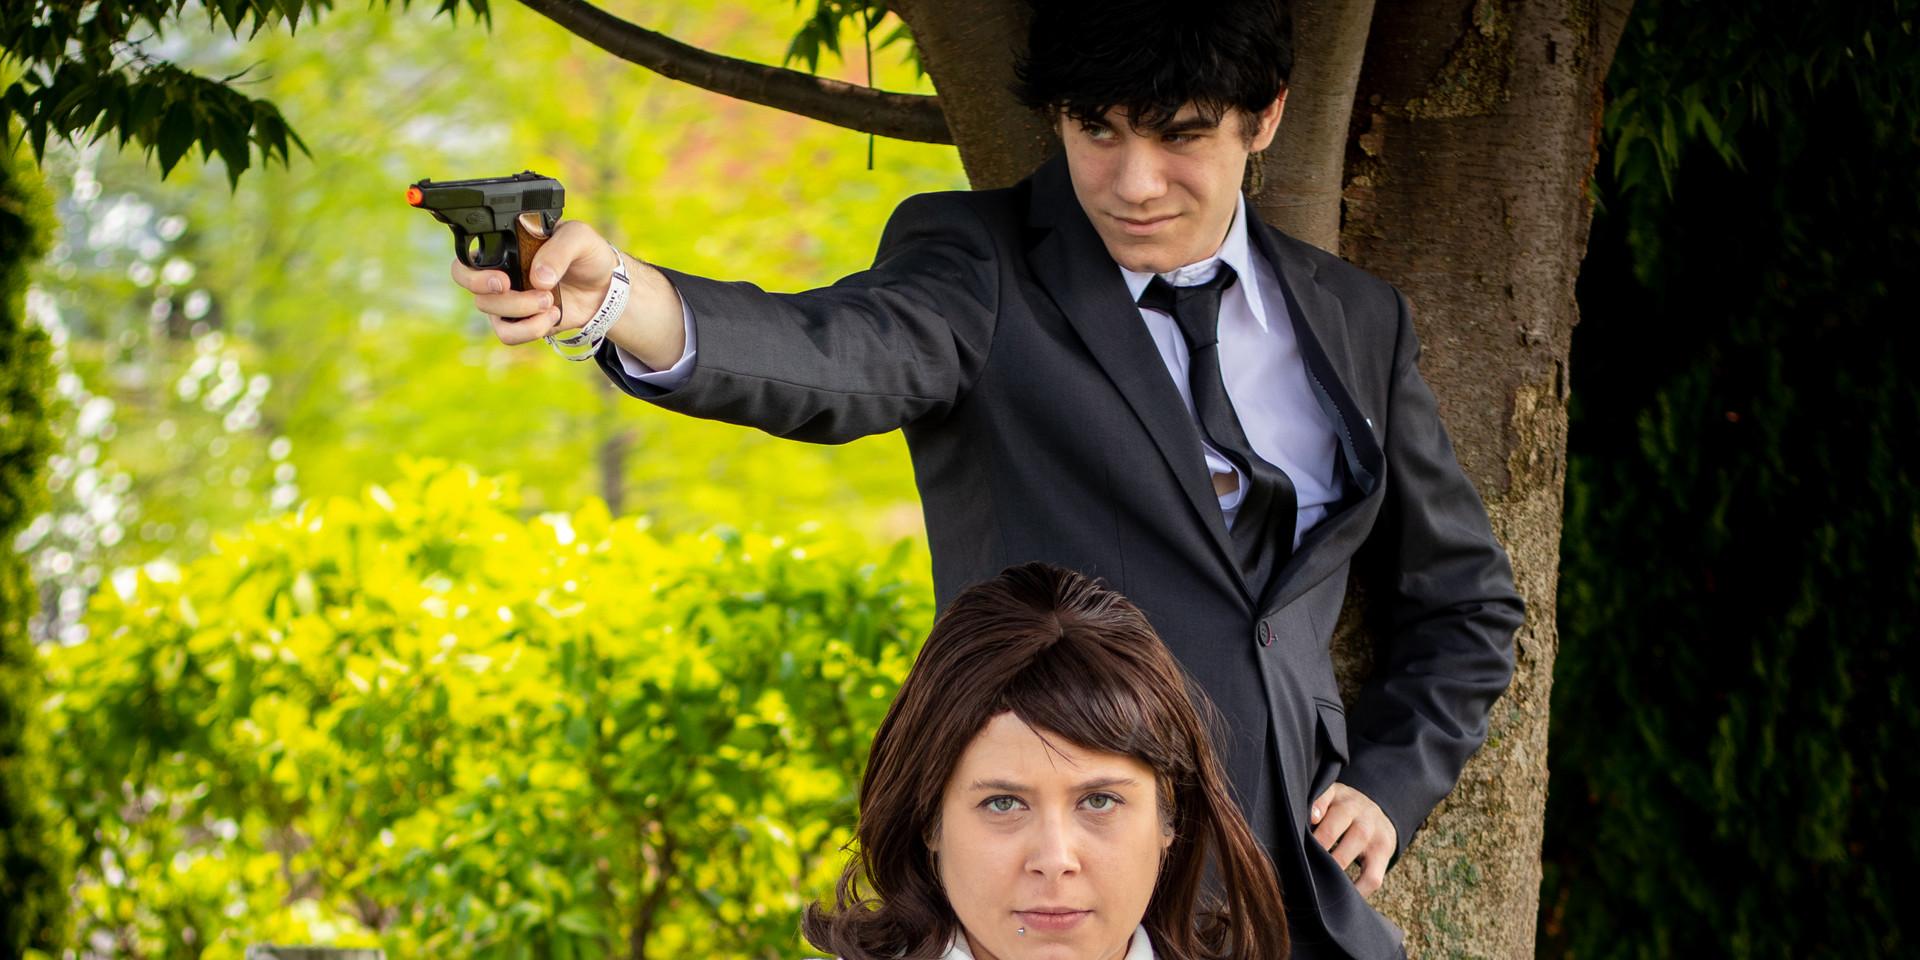 Lana Kane + Sterling Archer | Archer on FX